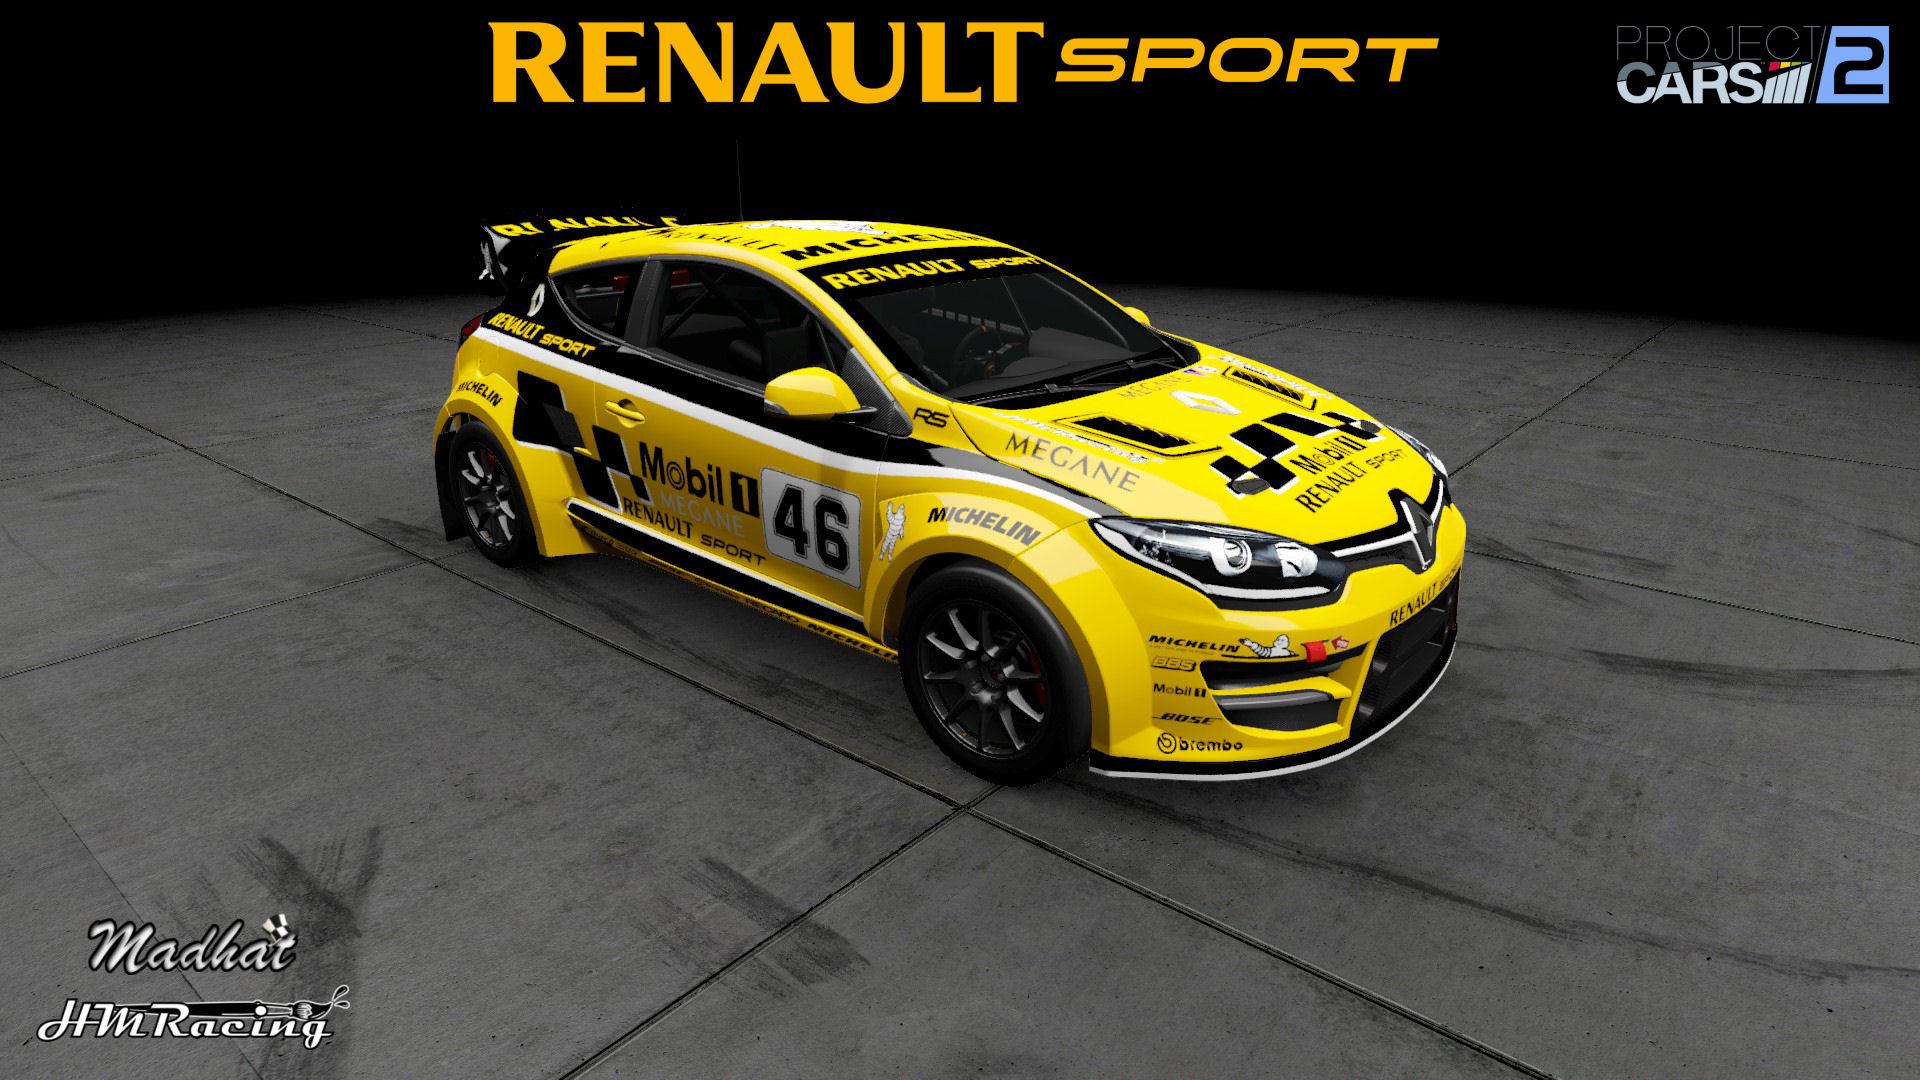 RS Renault Megane RX v2 01.jpg